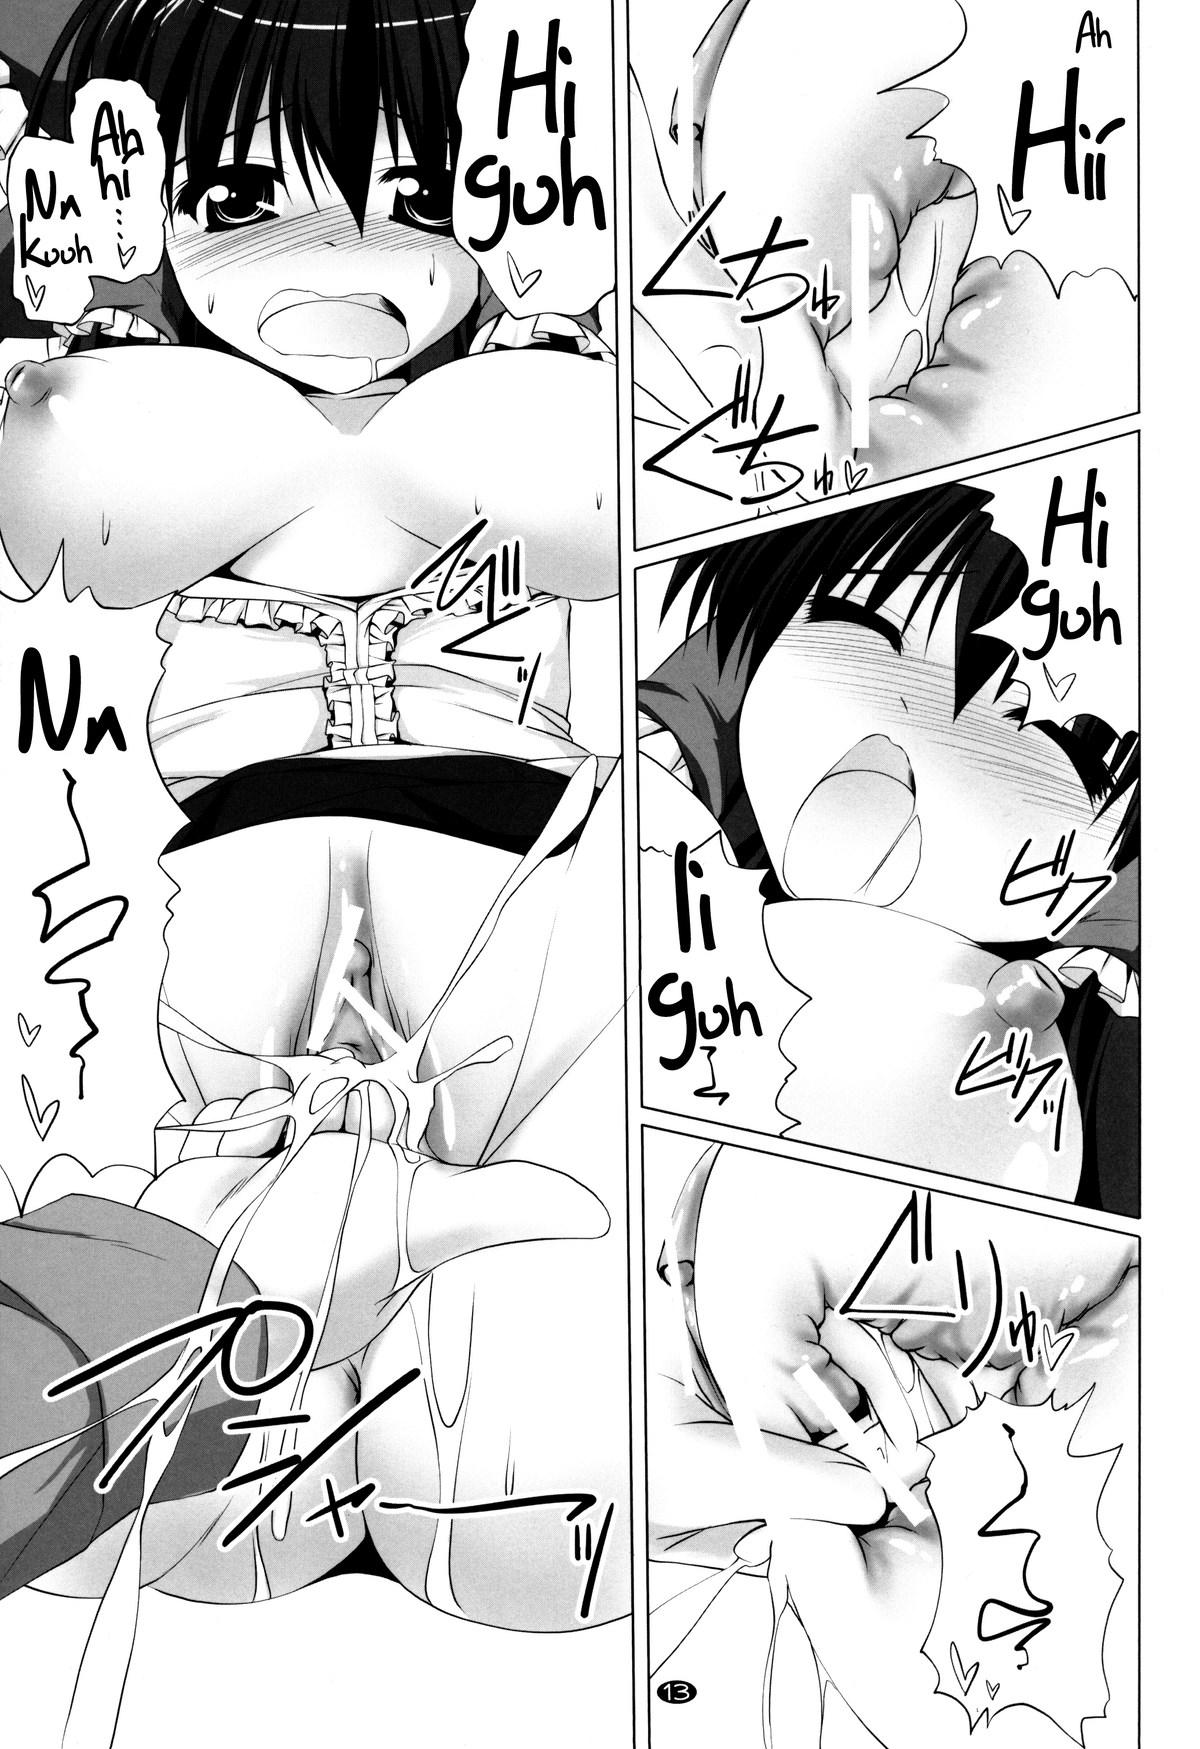 Hình ảnh 13 in Love Aibu